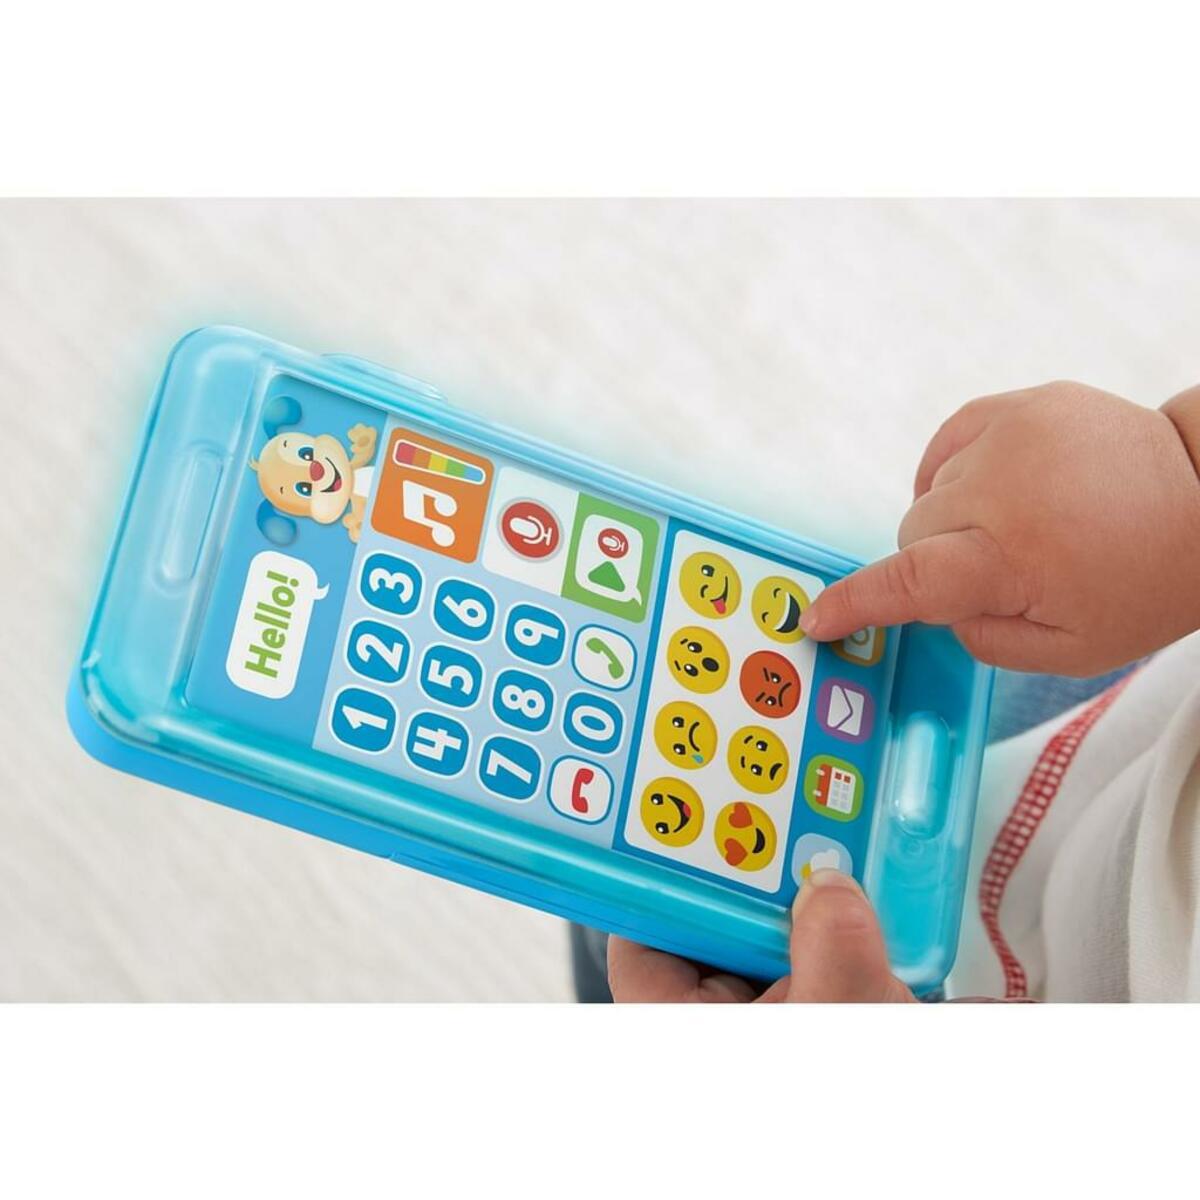 Bild 2 von Fisher-Price Lernspaß Hündchens Smart Phone